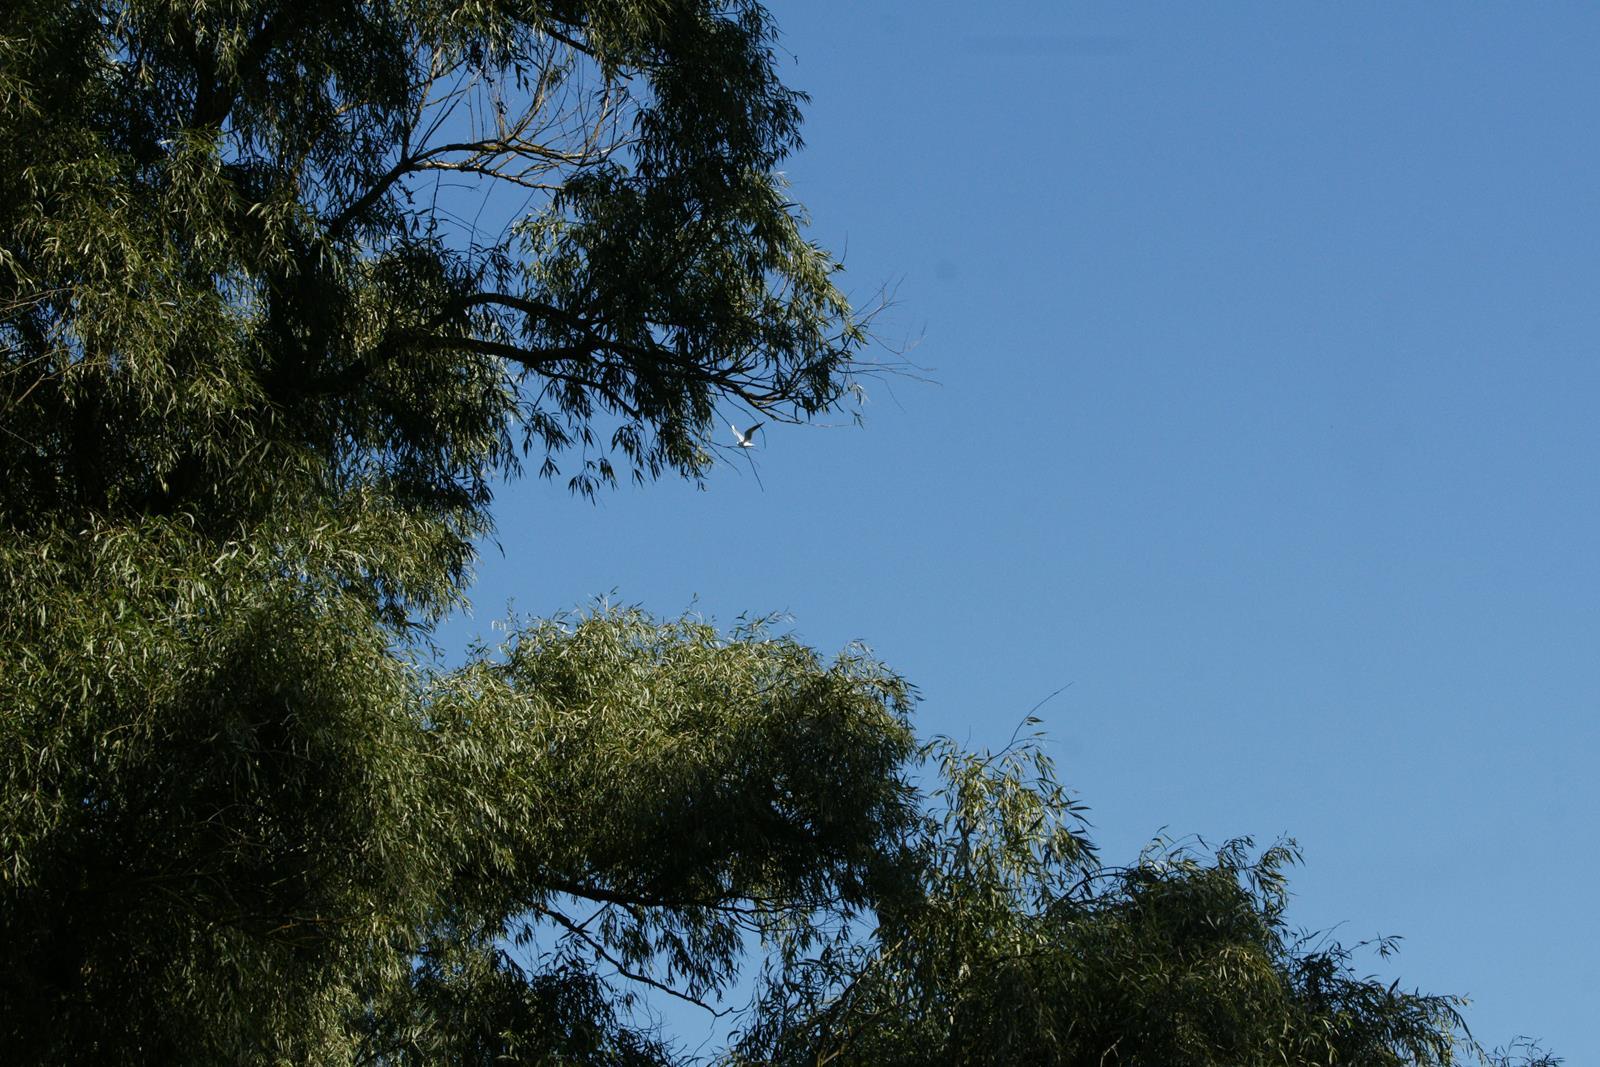 resizewildlife top foto cormorani wildlife DSC02424_1600x1067